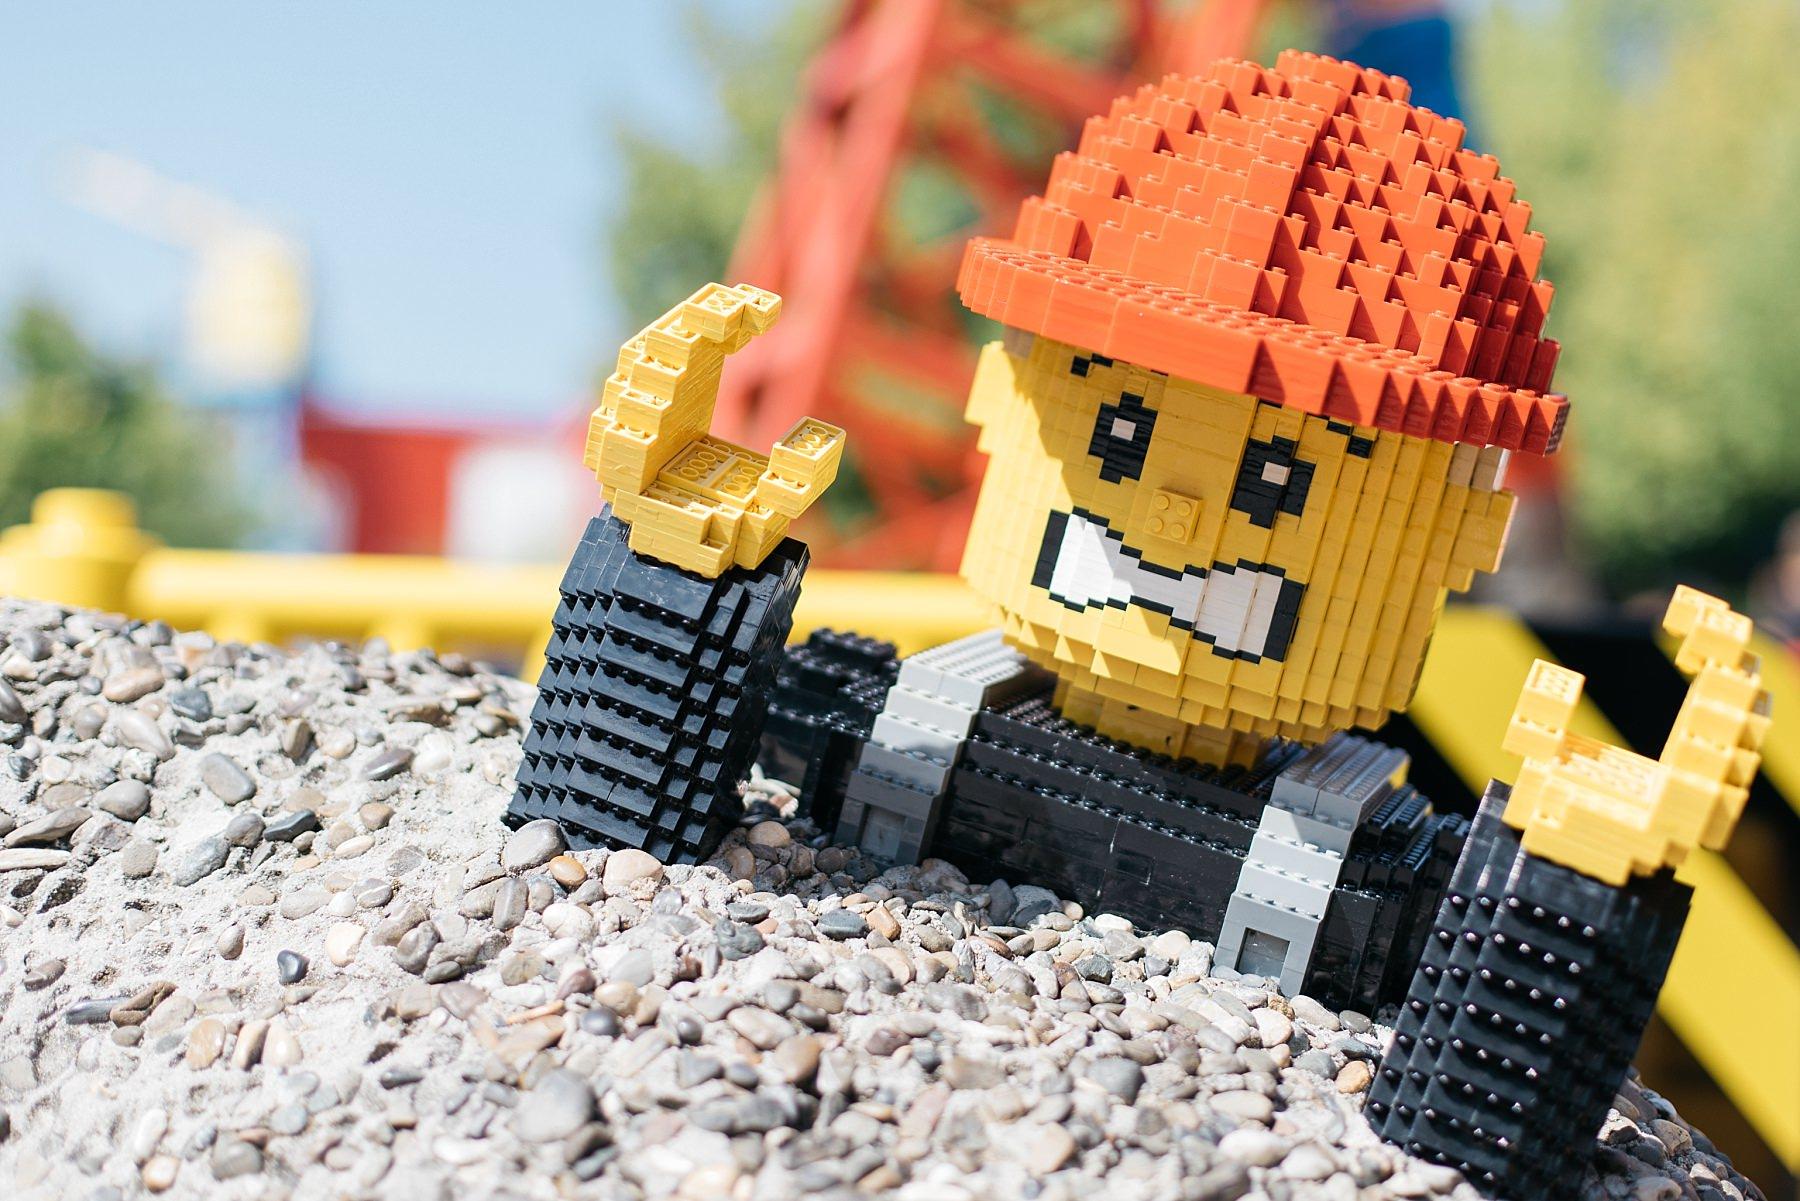 Legoland - 57 millions de briques Lego 16